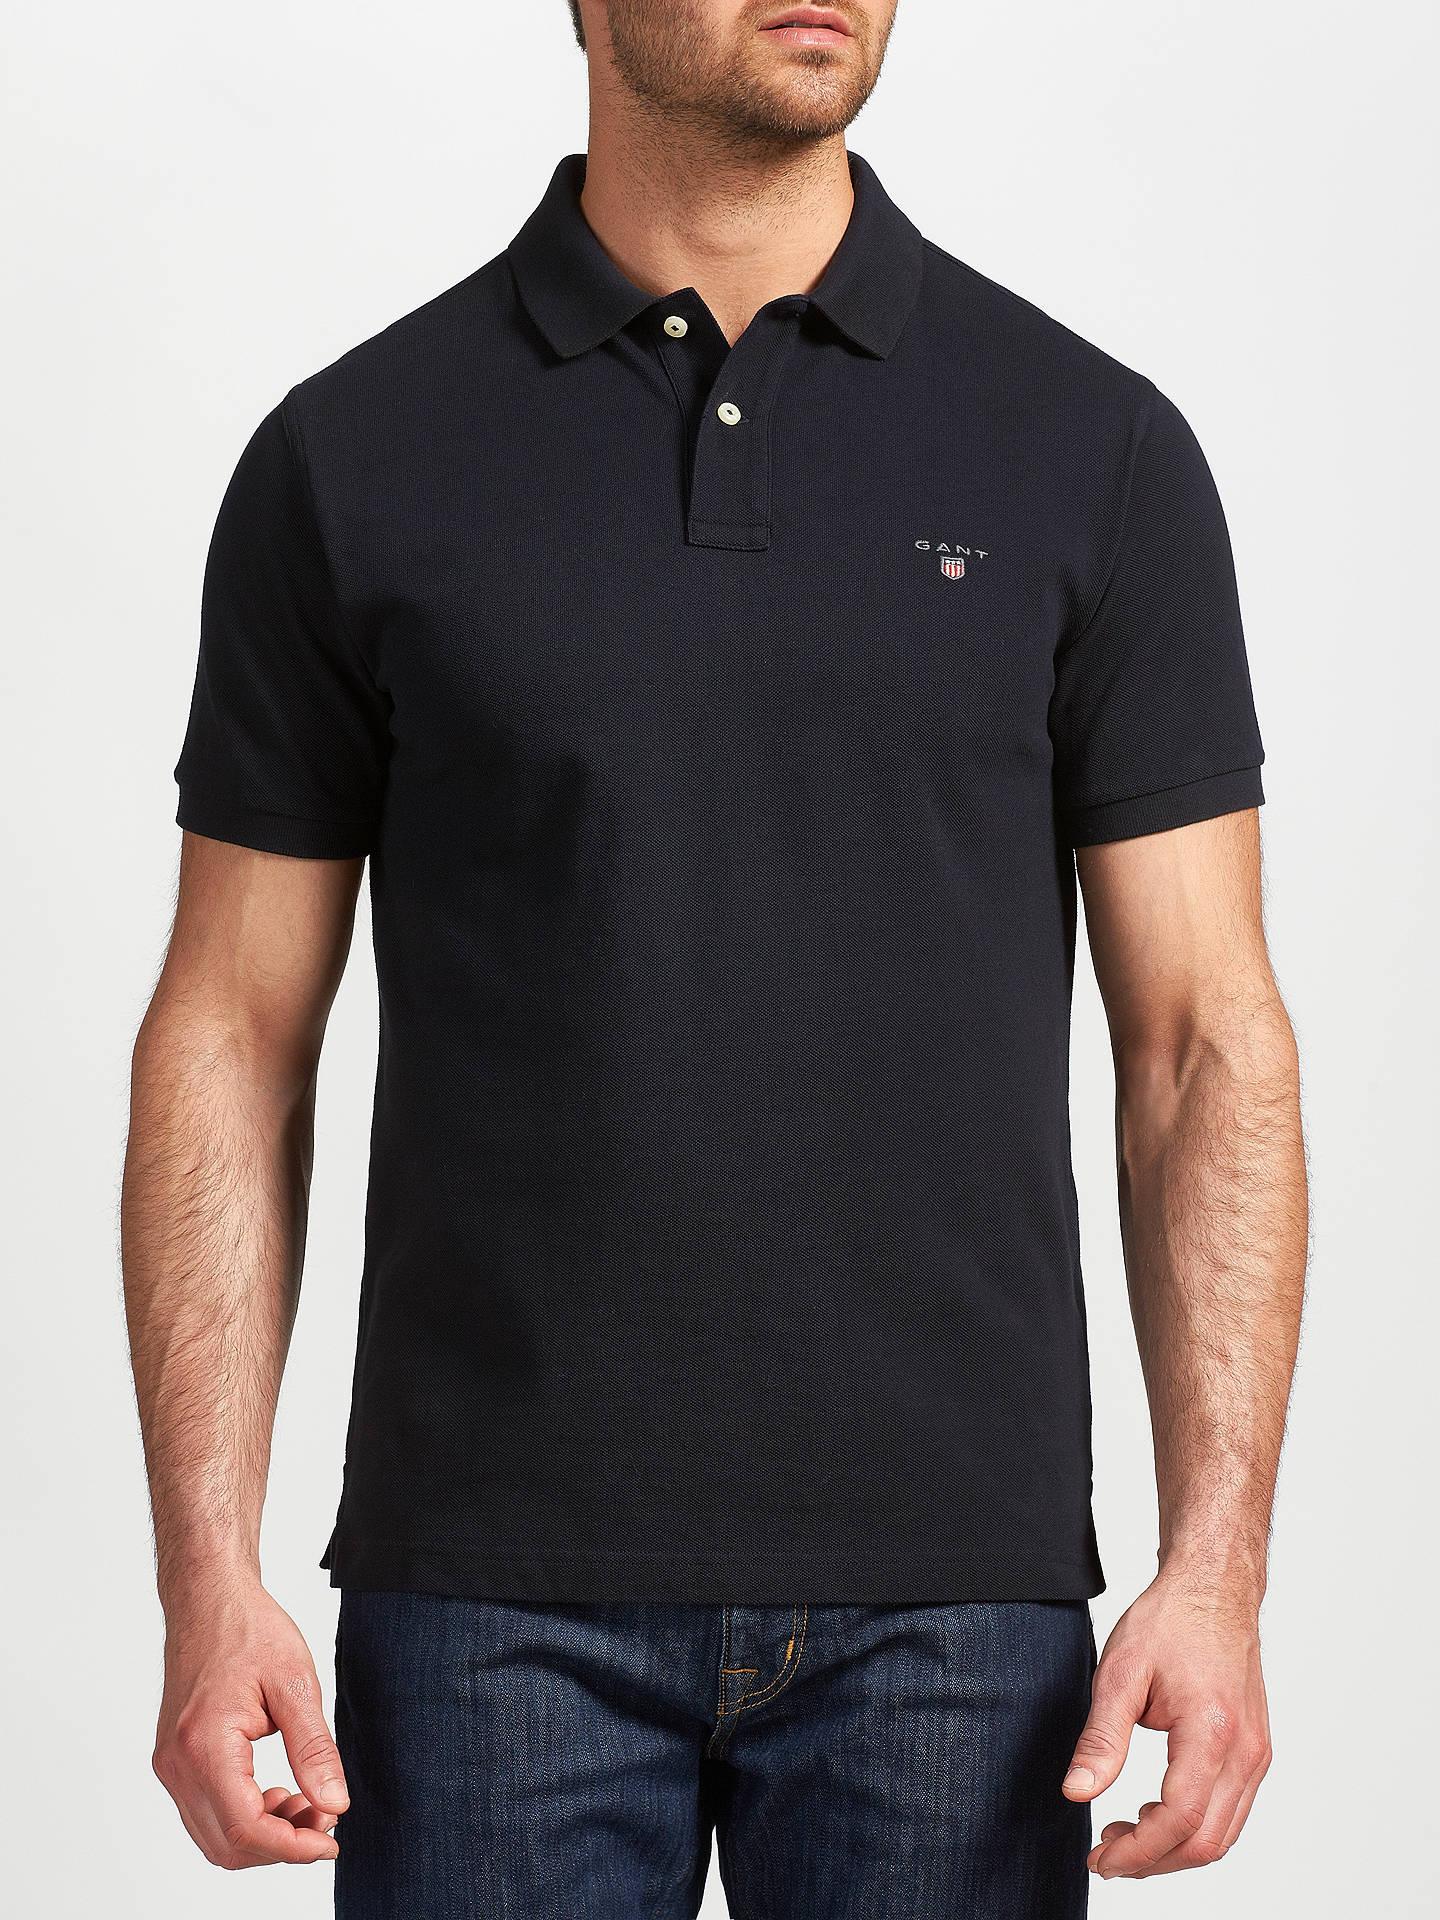 5ca8ce89a6 GANT Solid Pique Polo Shirt, Marine